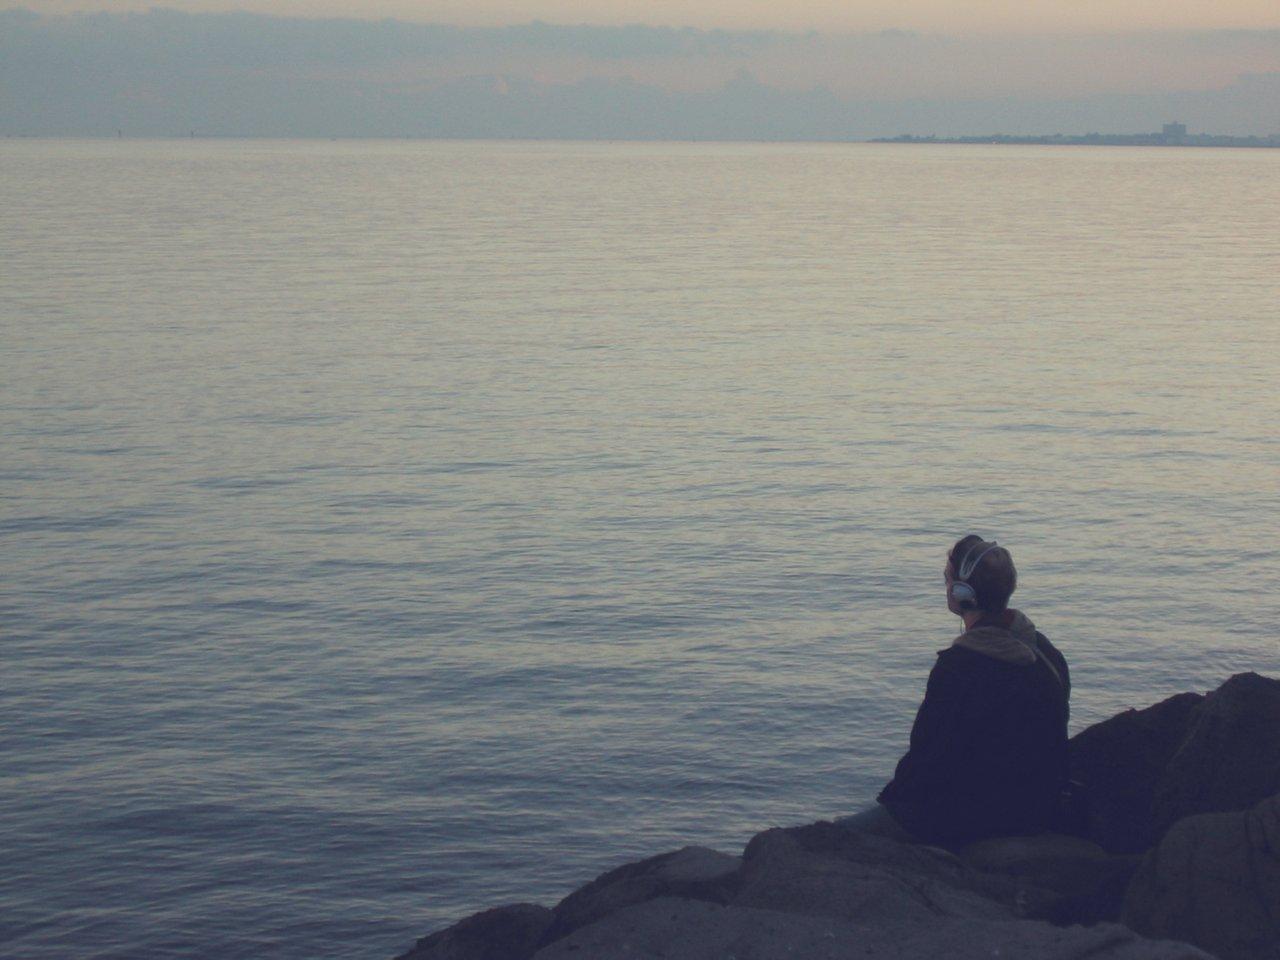 Teen Looking at Ocean